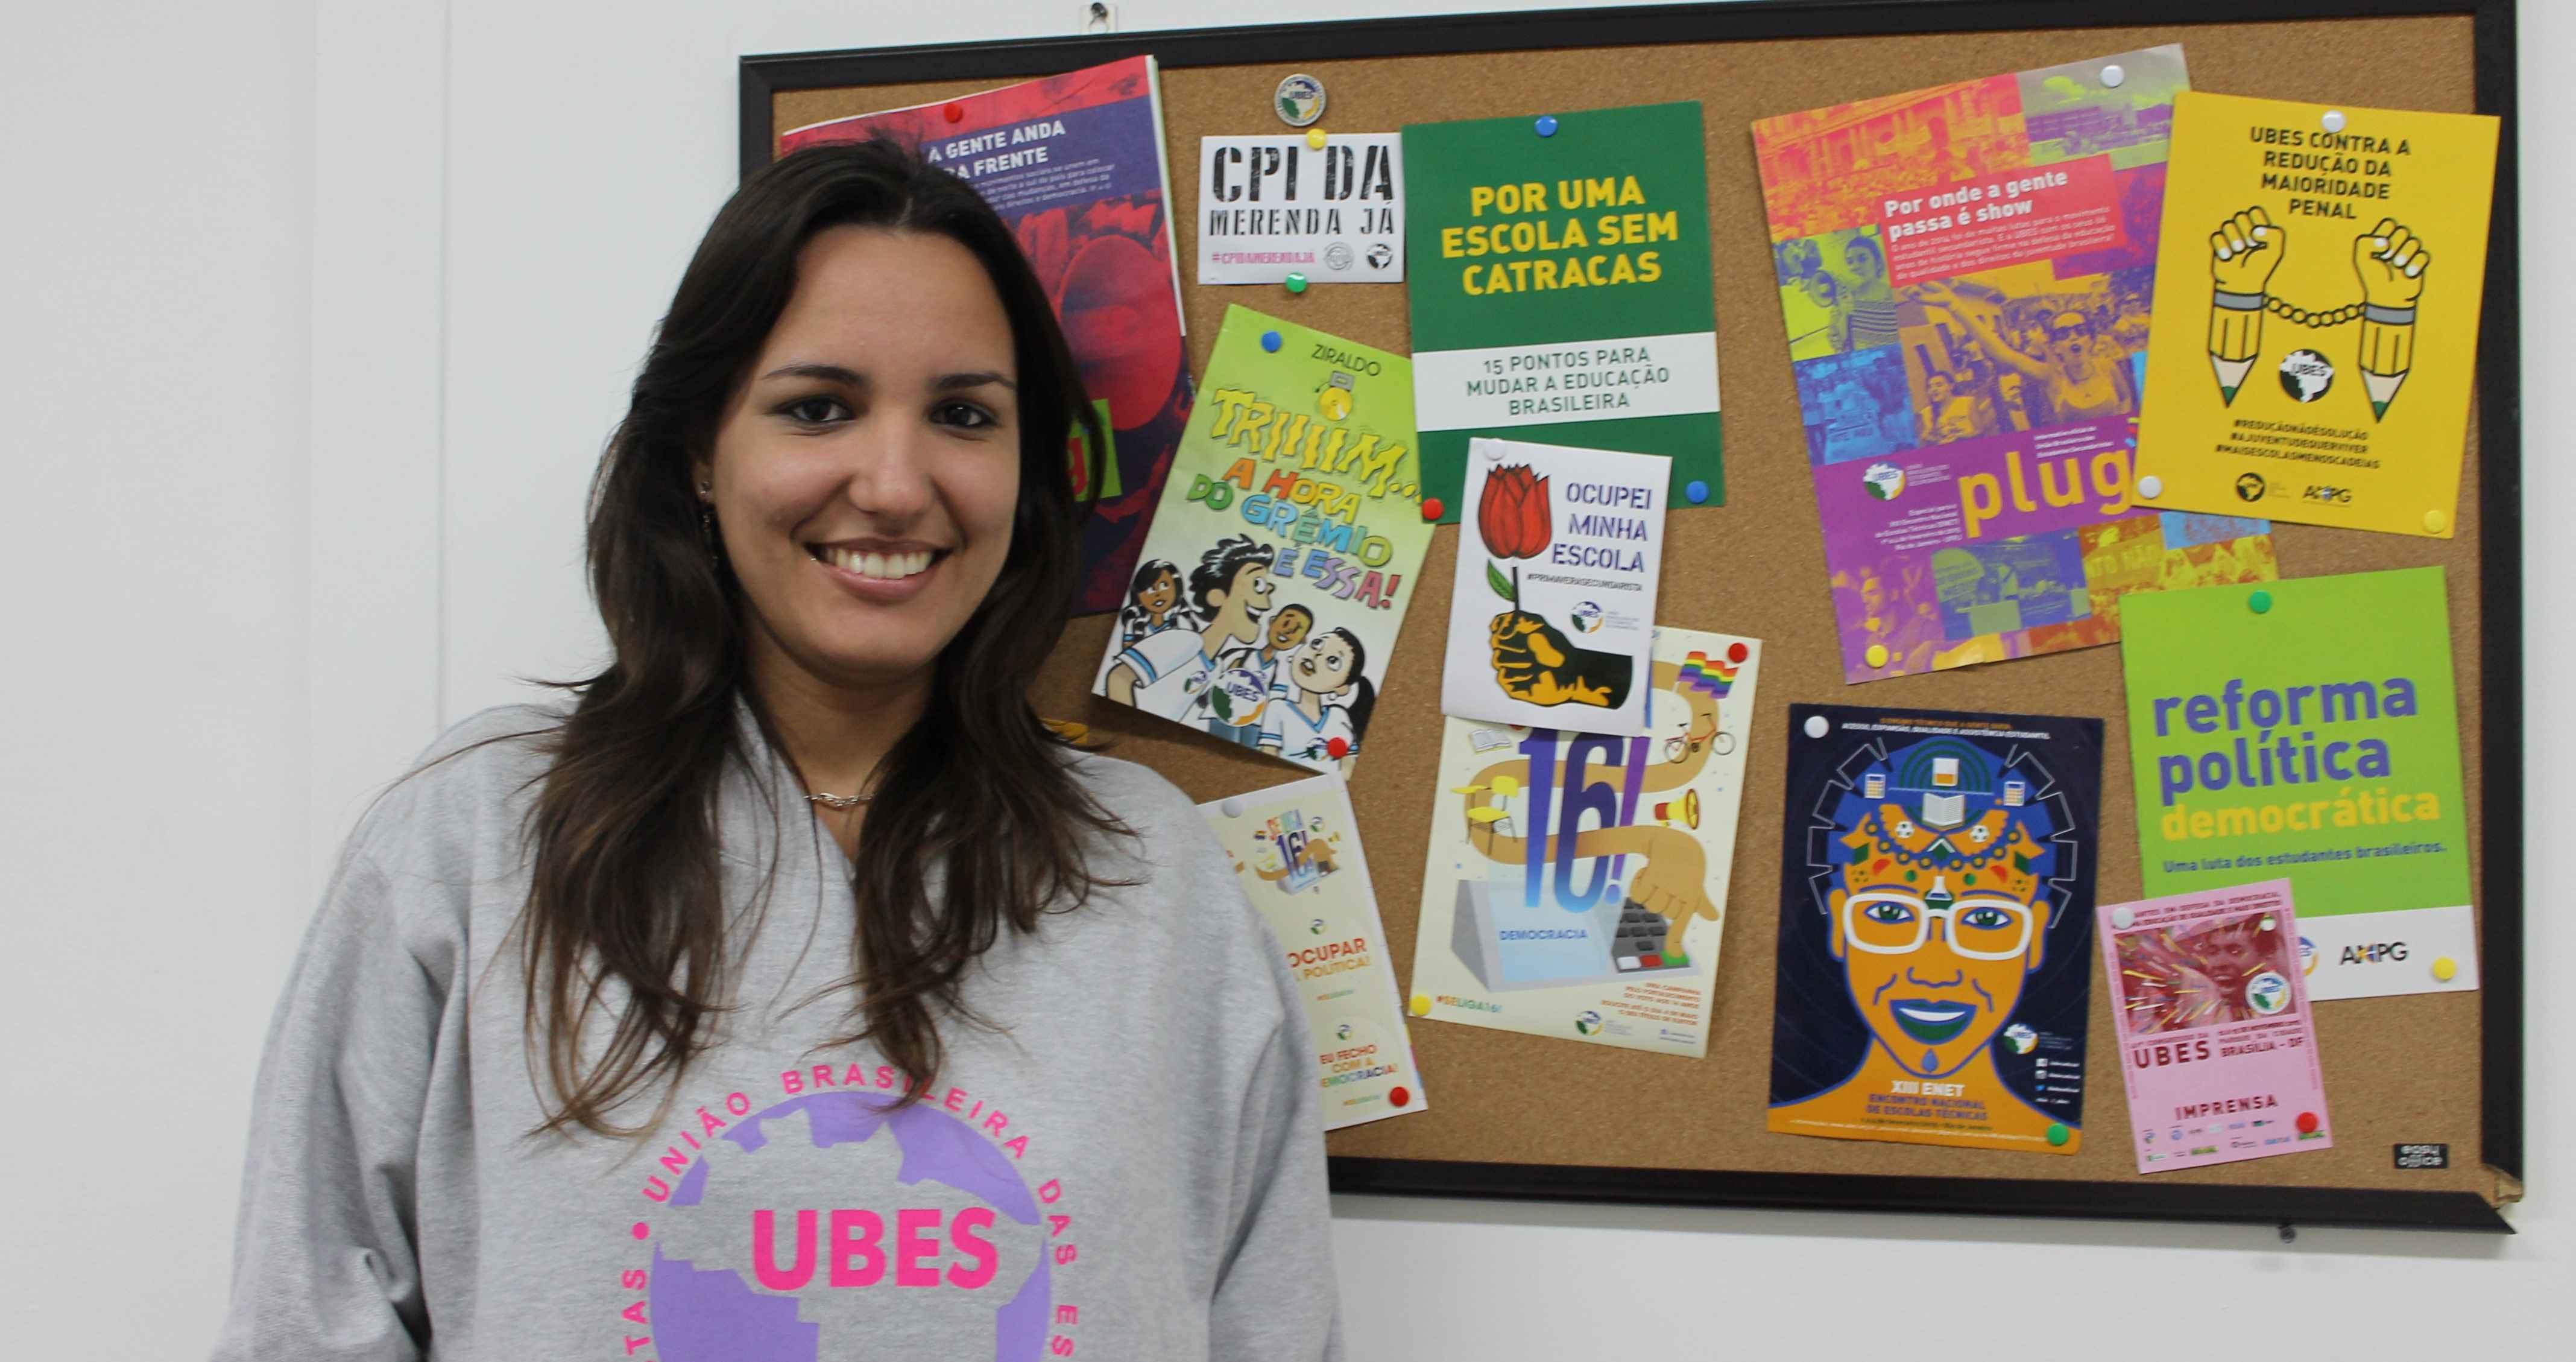 Confira o bate-papo da reportagem da UBES com a presidenta da OCLAE, Heyde Ortega